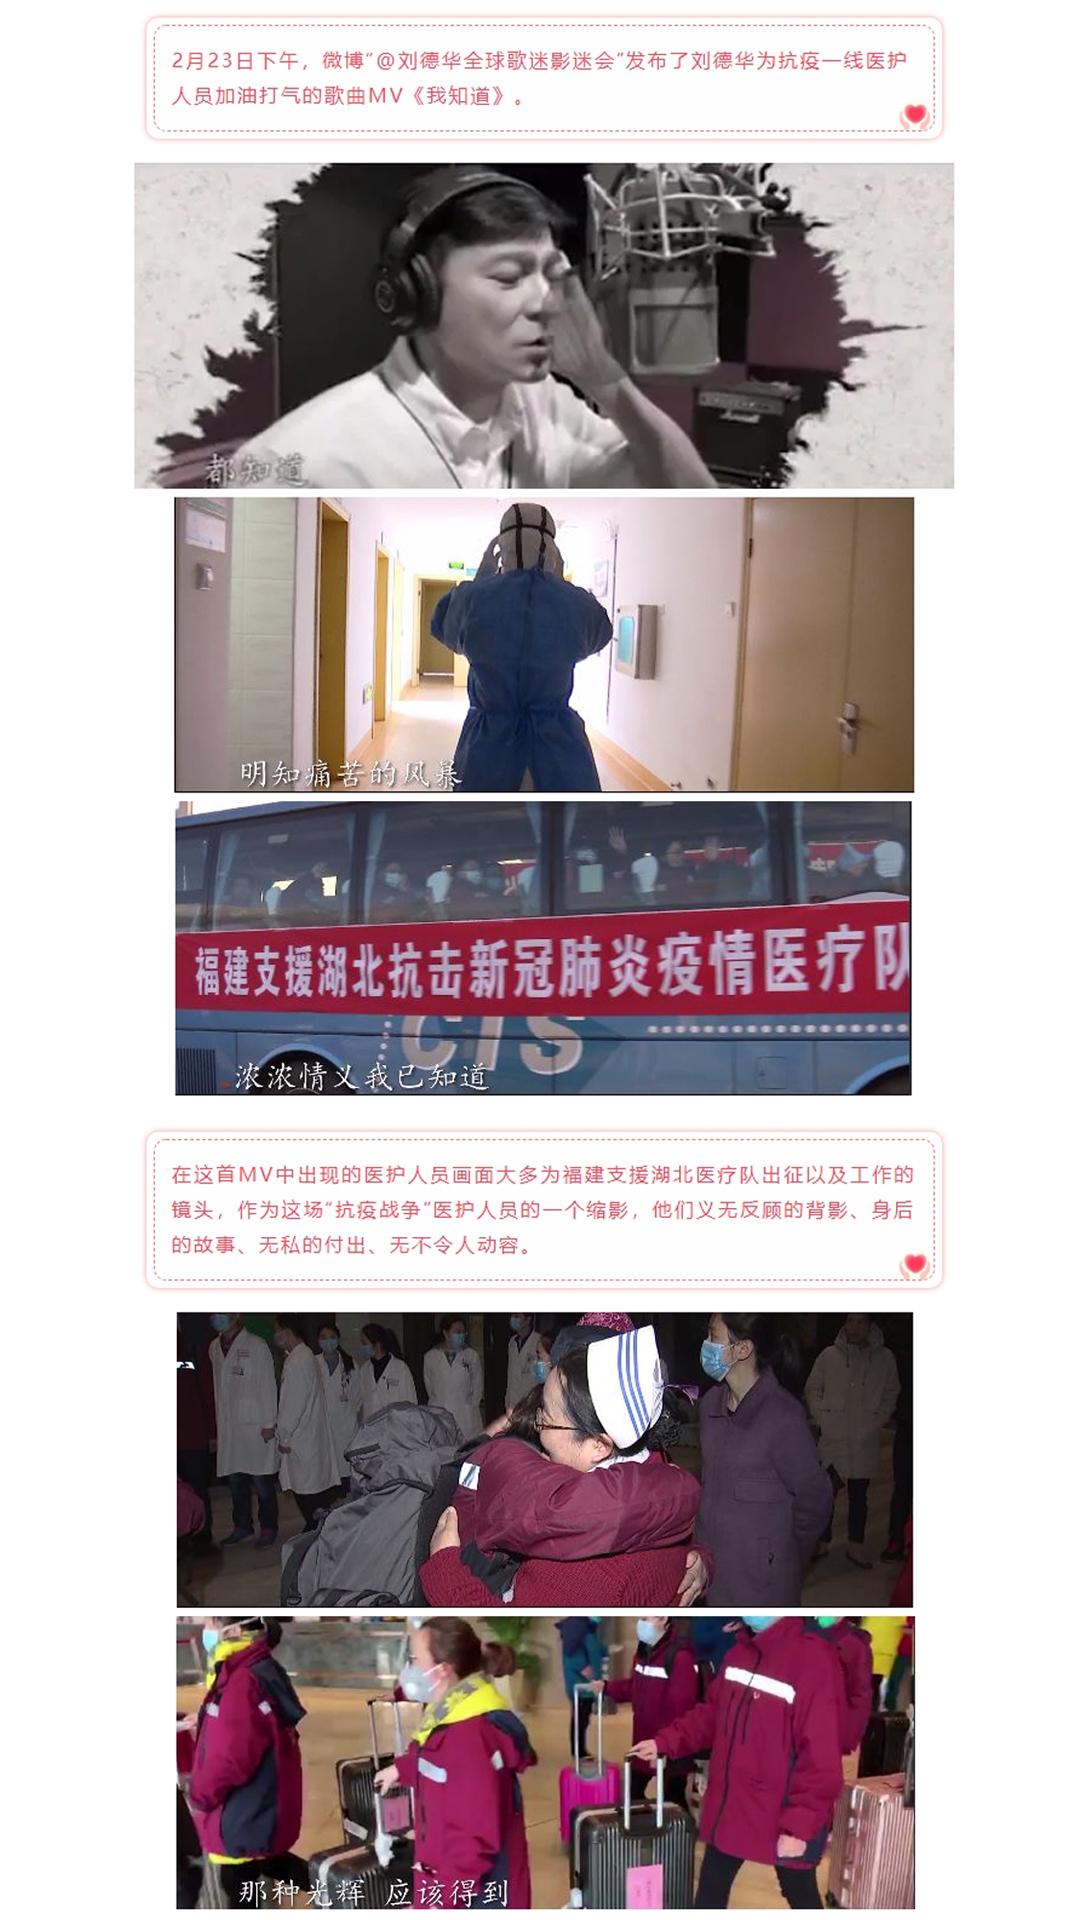 刘德华演唱《我知道》,大量福建支援湖北医疗队镜头令人动容